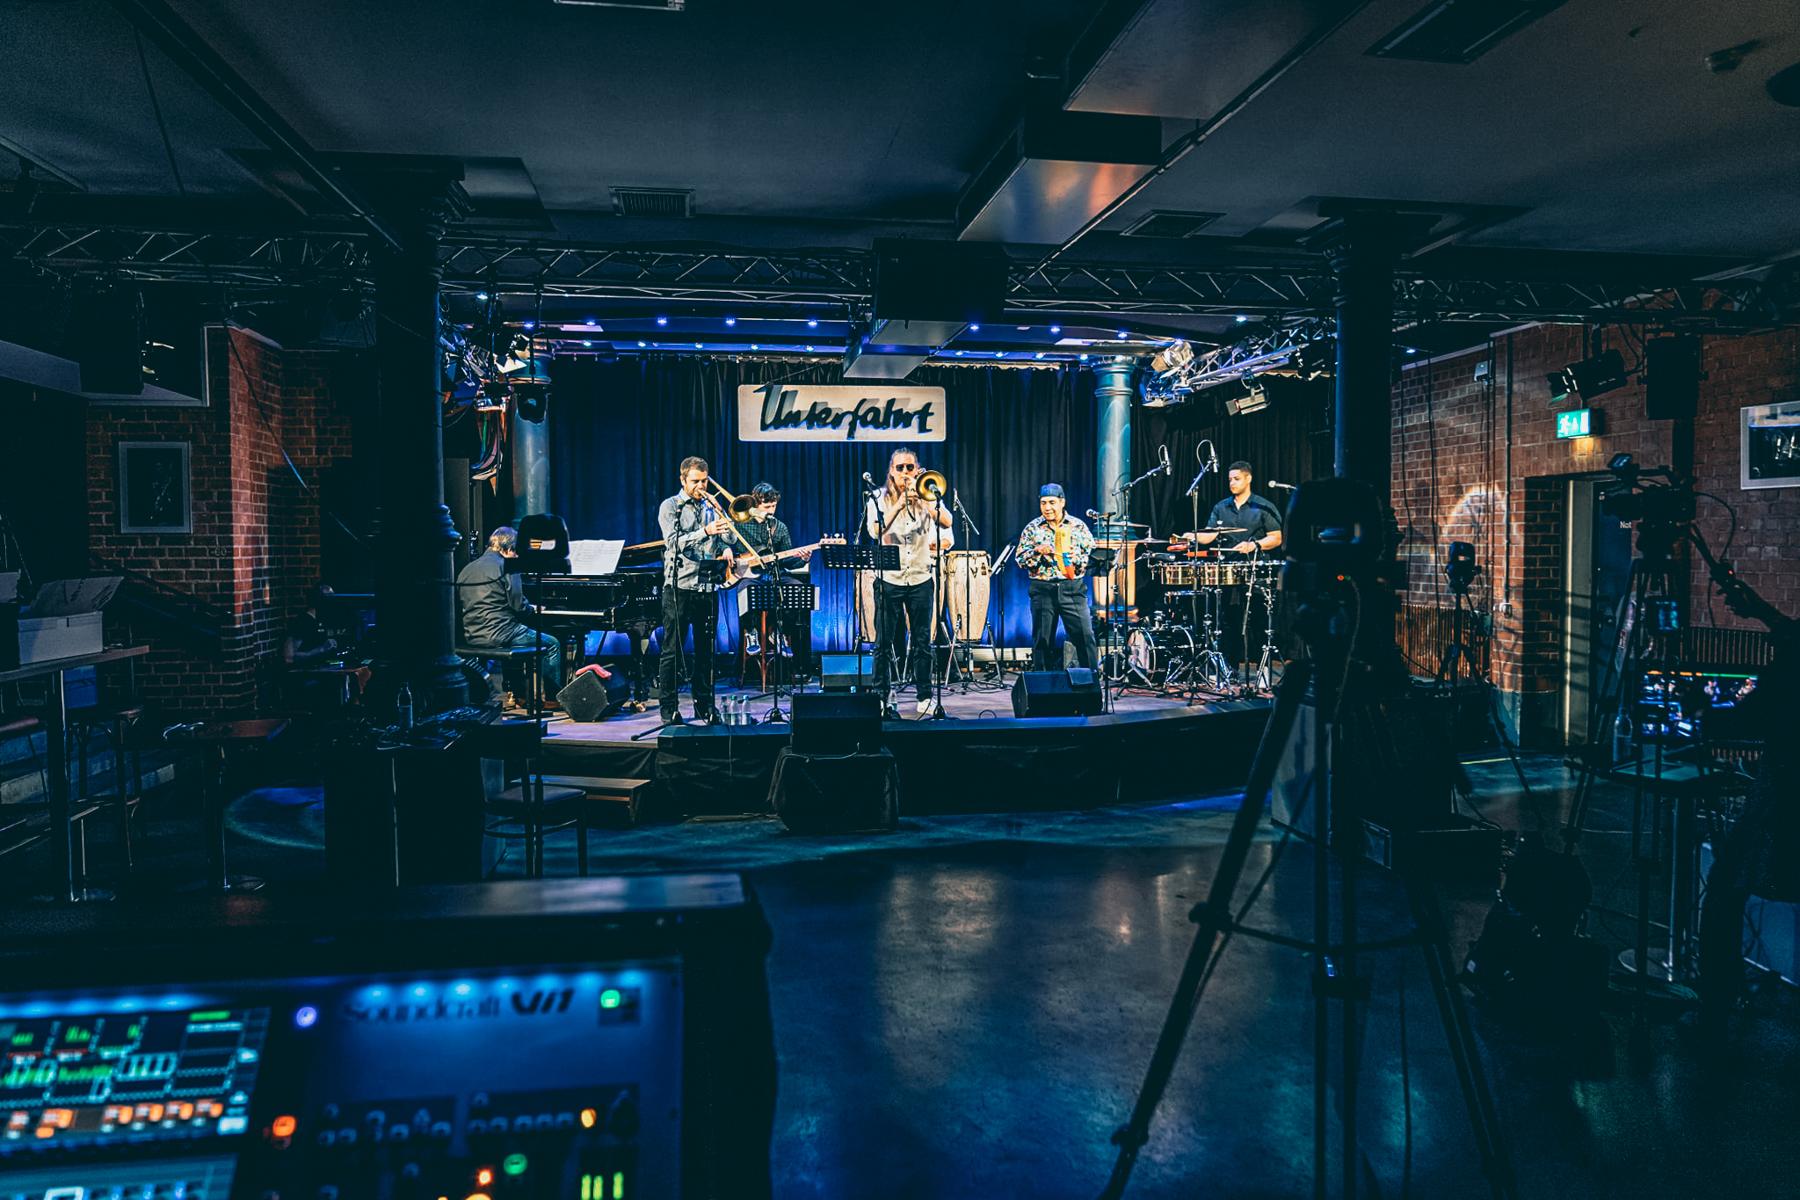 Live Übertragung aus dem Jazz Wohnzimmer? Eine stimmige Geschichte!  – ©Sebastian Mayer